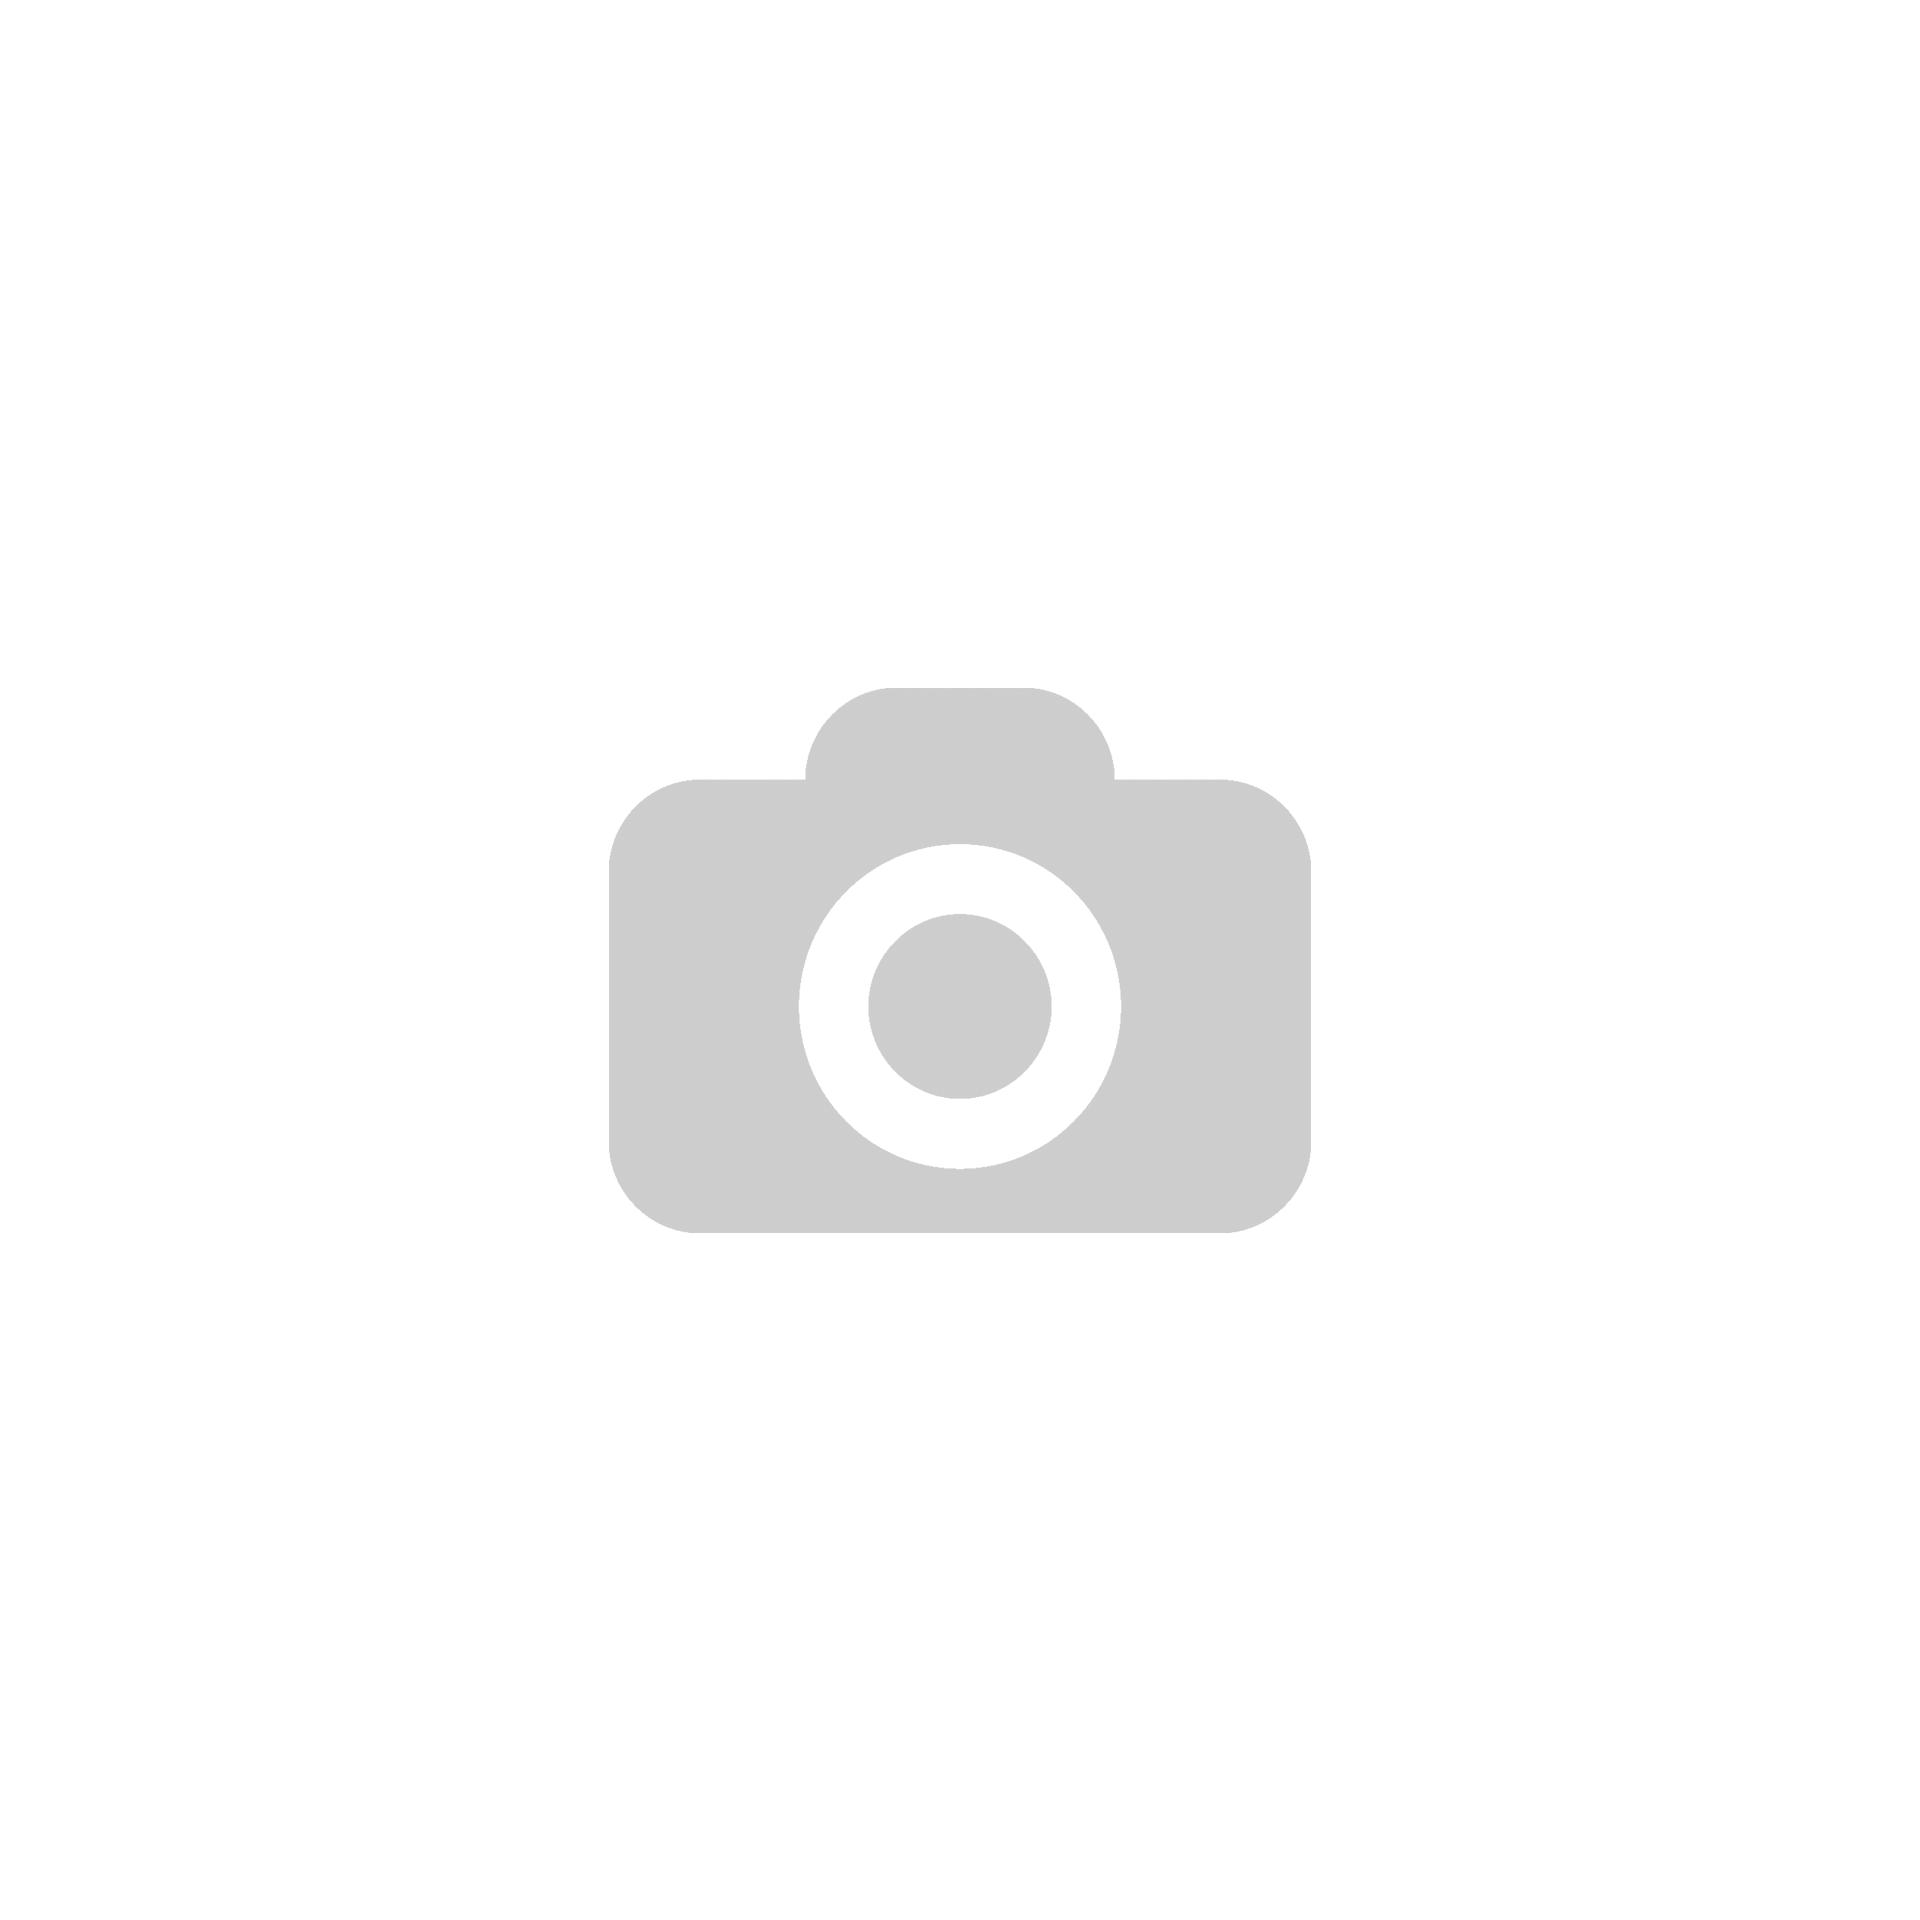 Nn1 5pa интерактивный каталог